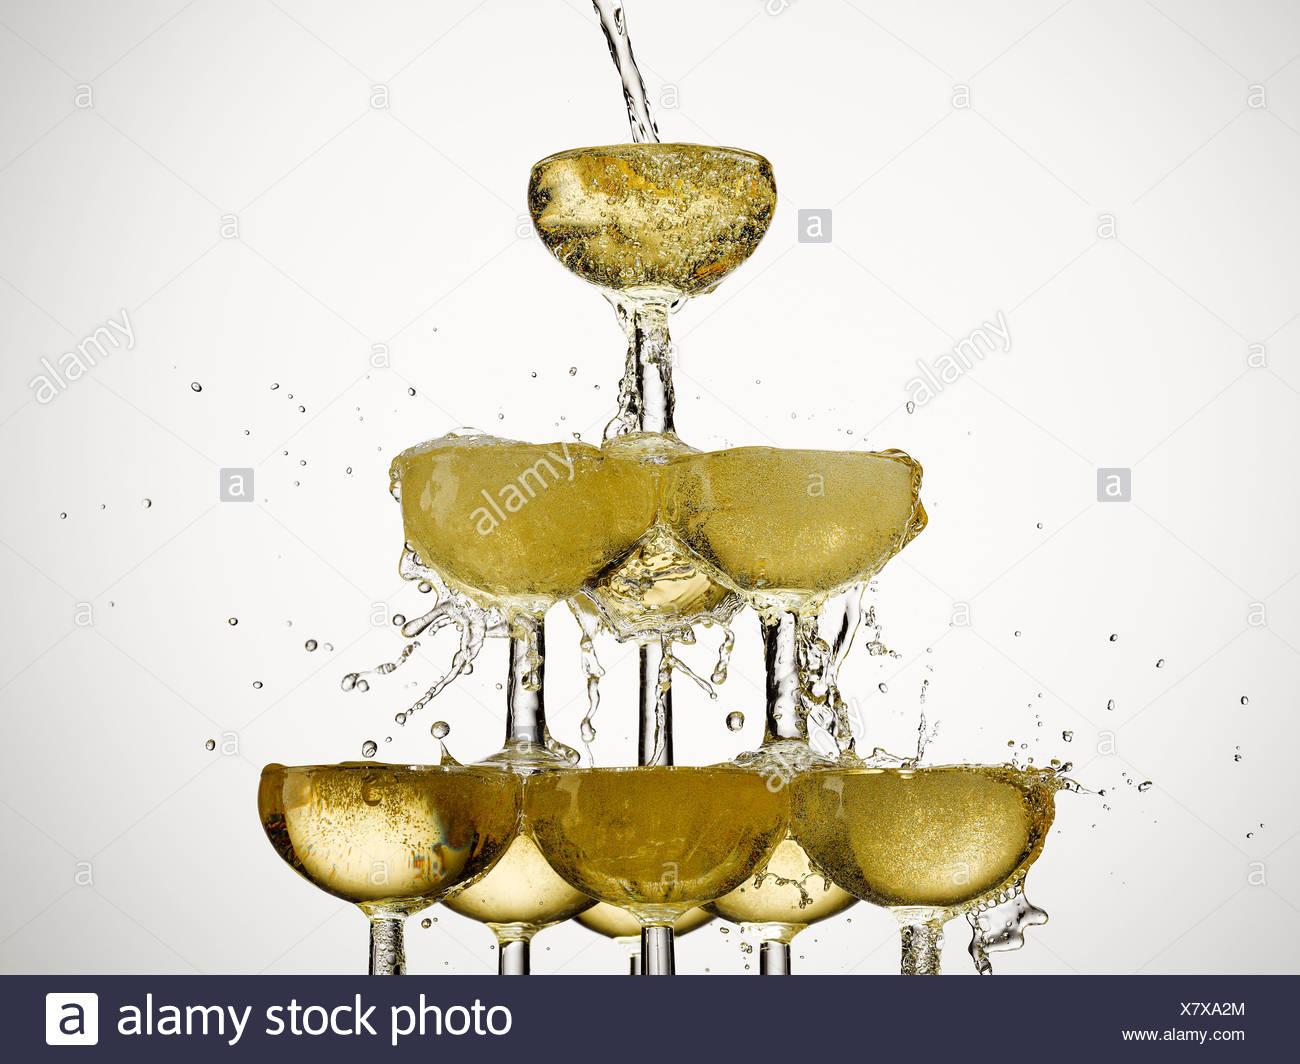 Fülle, Feier, Champagner, Champagner-Glas, Farbbild, Konzept, Energie, Überschuss, Überschwang, Füllung, Schaum, Essen und Stockbild